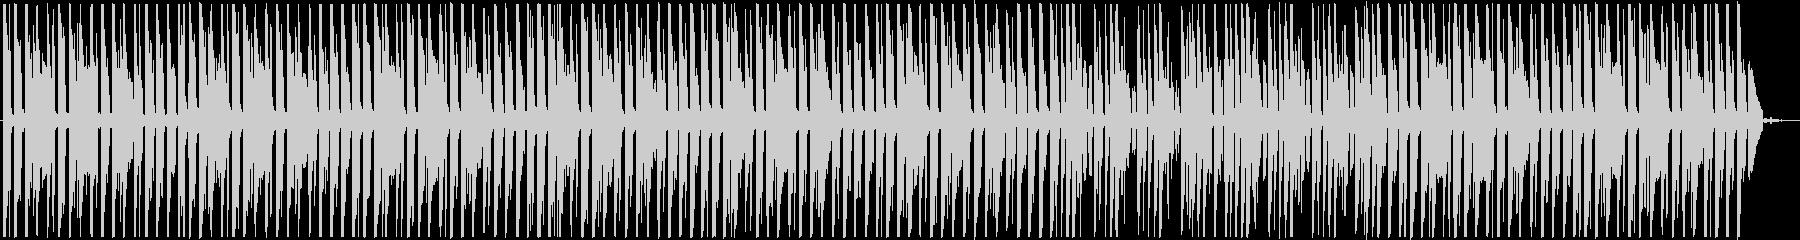 怪しげな雰囲気のBGMの未再生の波形